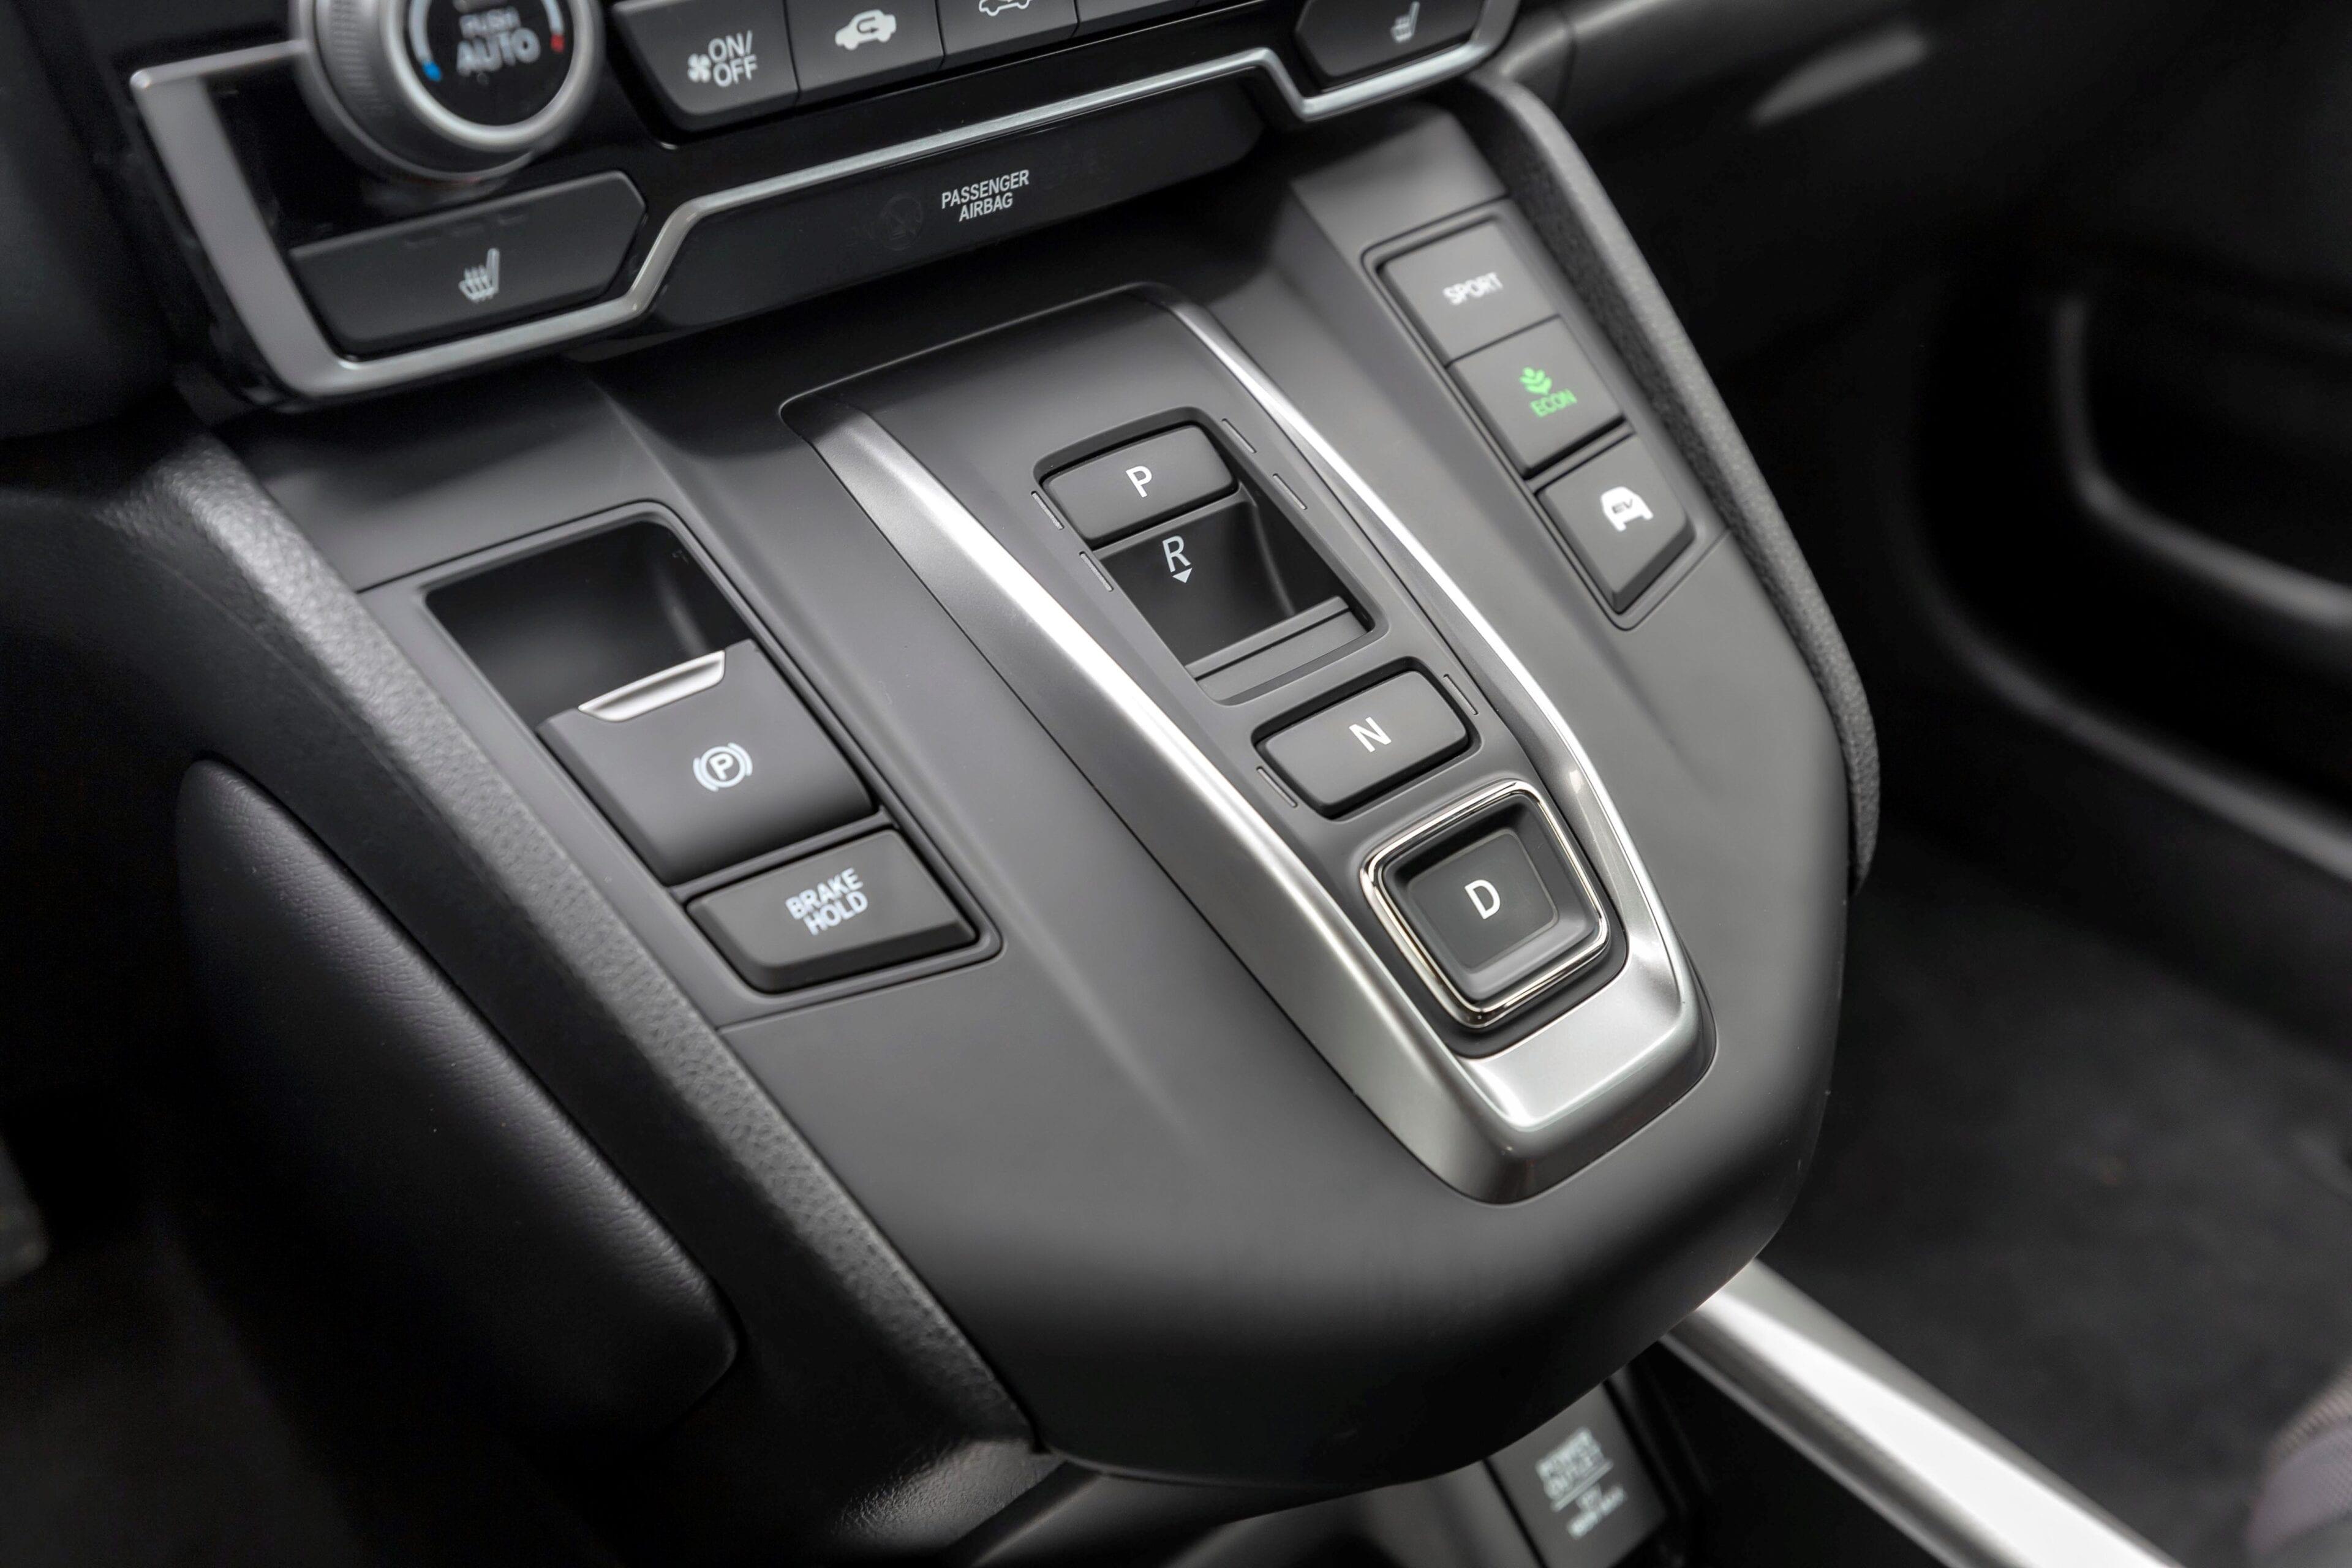 De rijdmodus selecteert u via de transmissieknop op het dashboard, hiernaast kunt u tevens uw rijmodus instellen